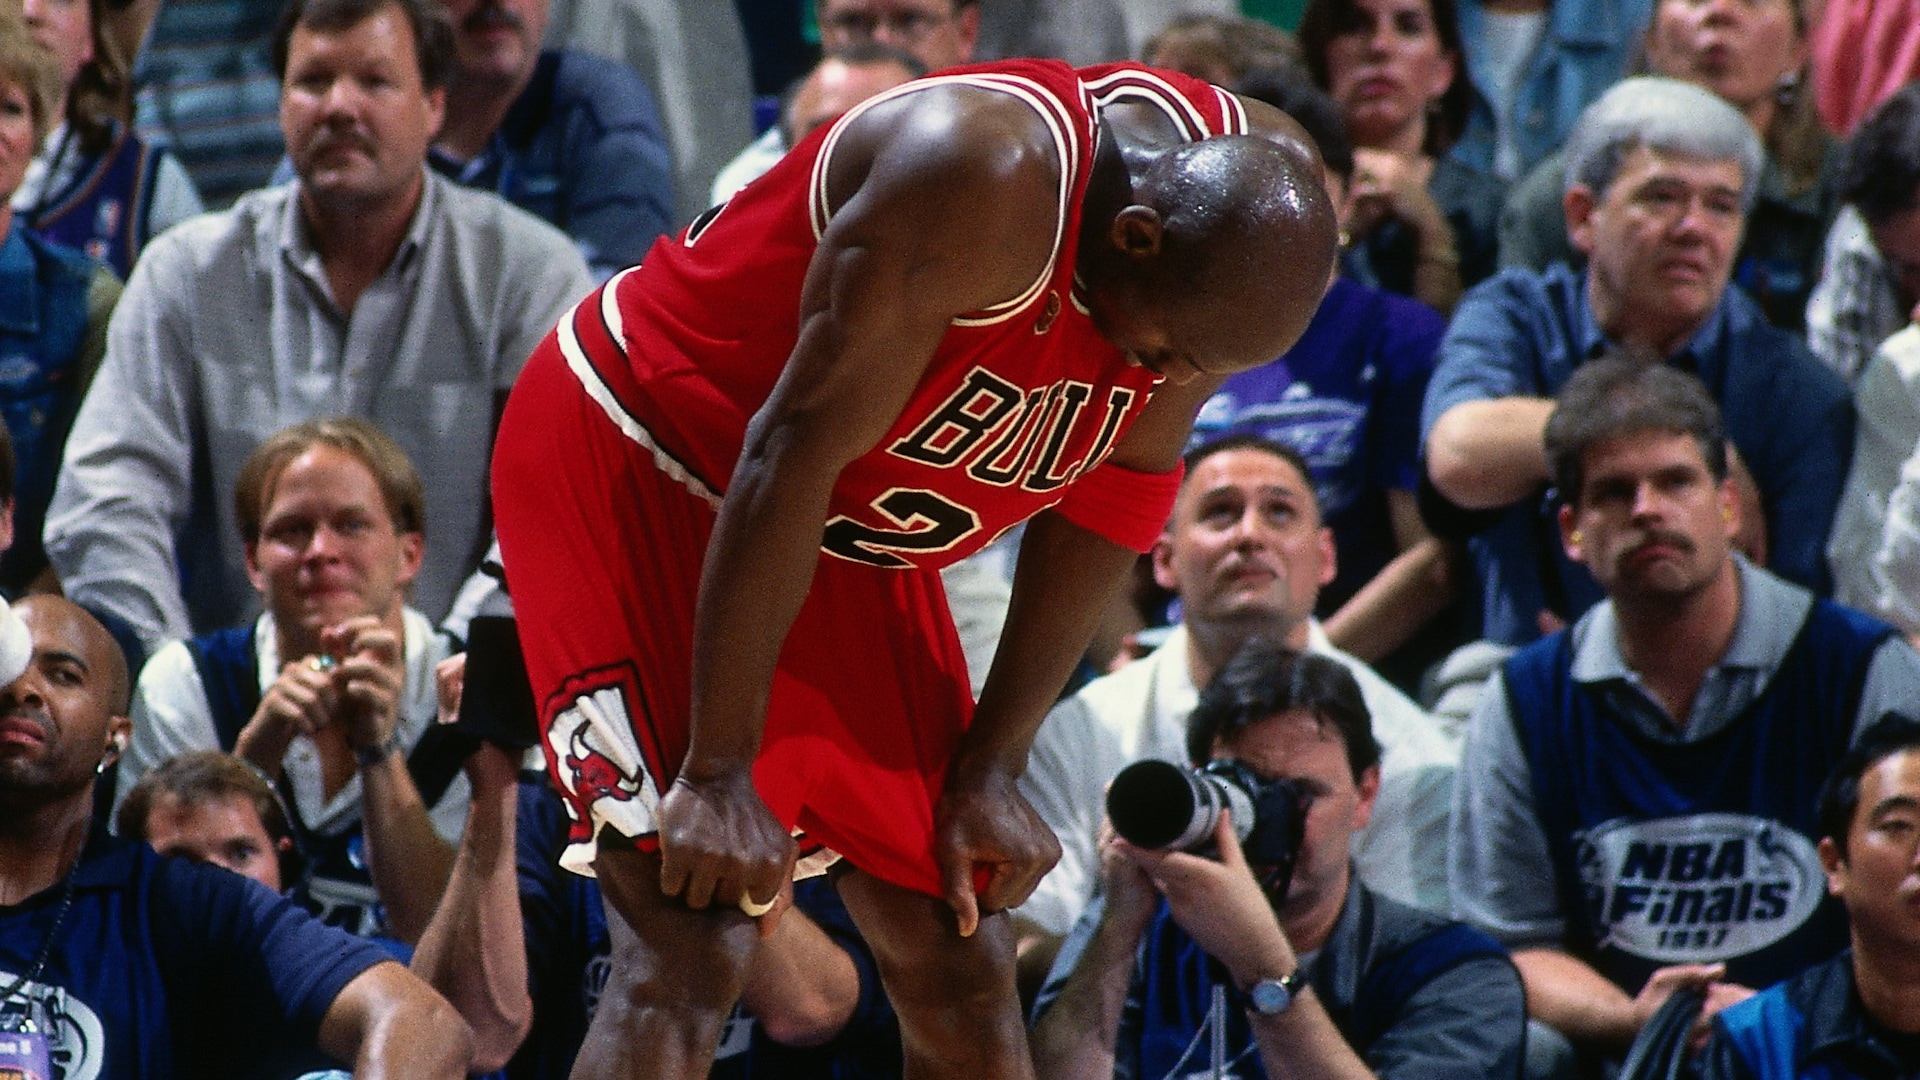 Top NBA Finals moments: Michael Jordan's flu game in 1997 Finals